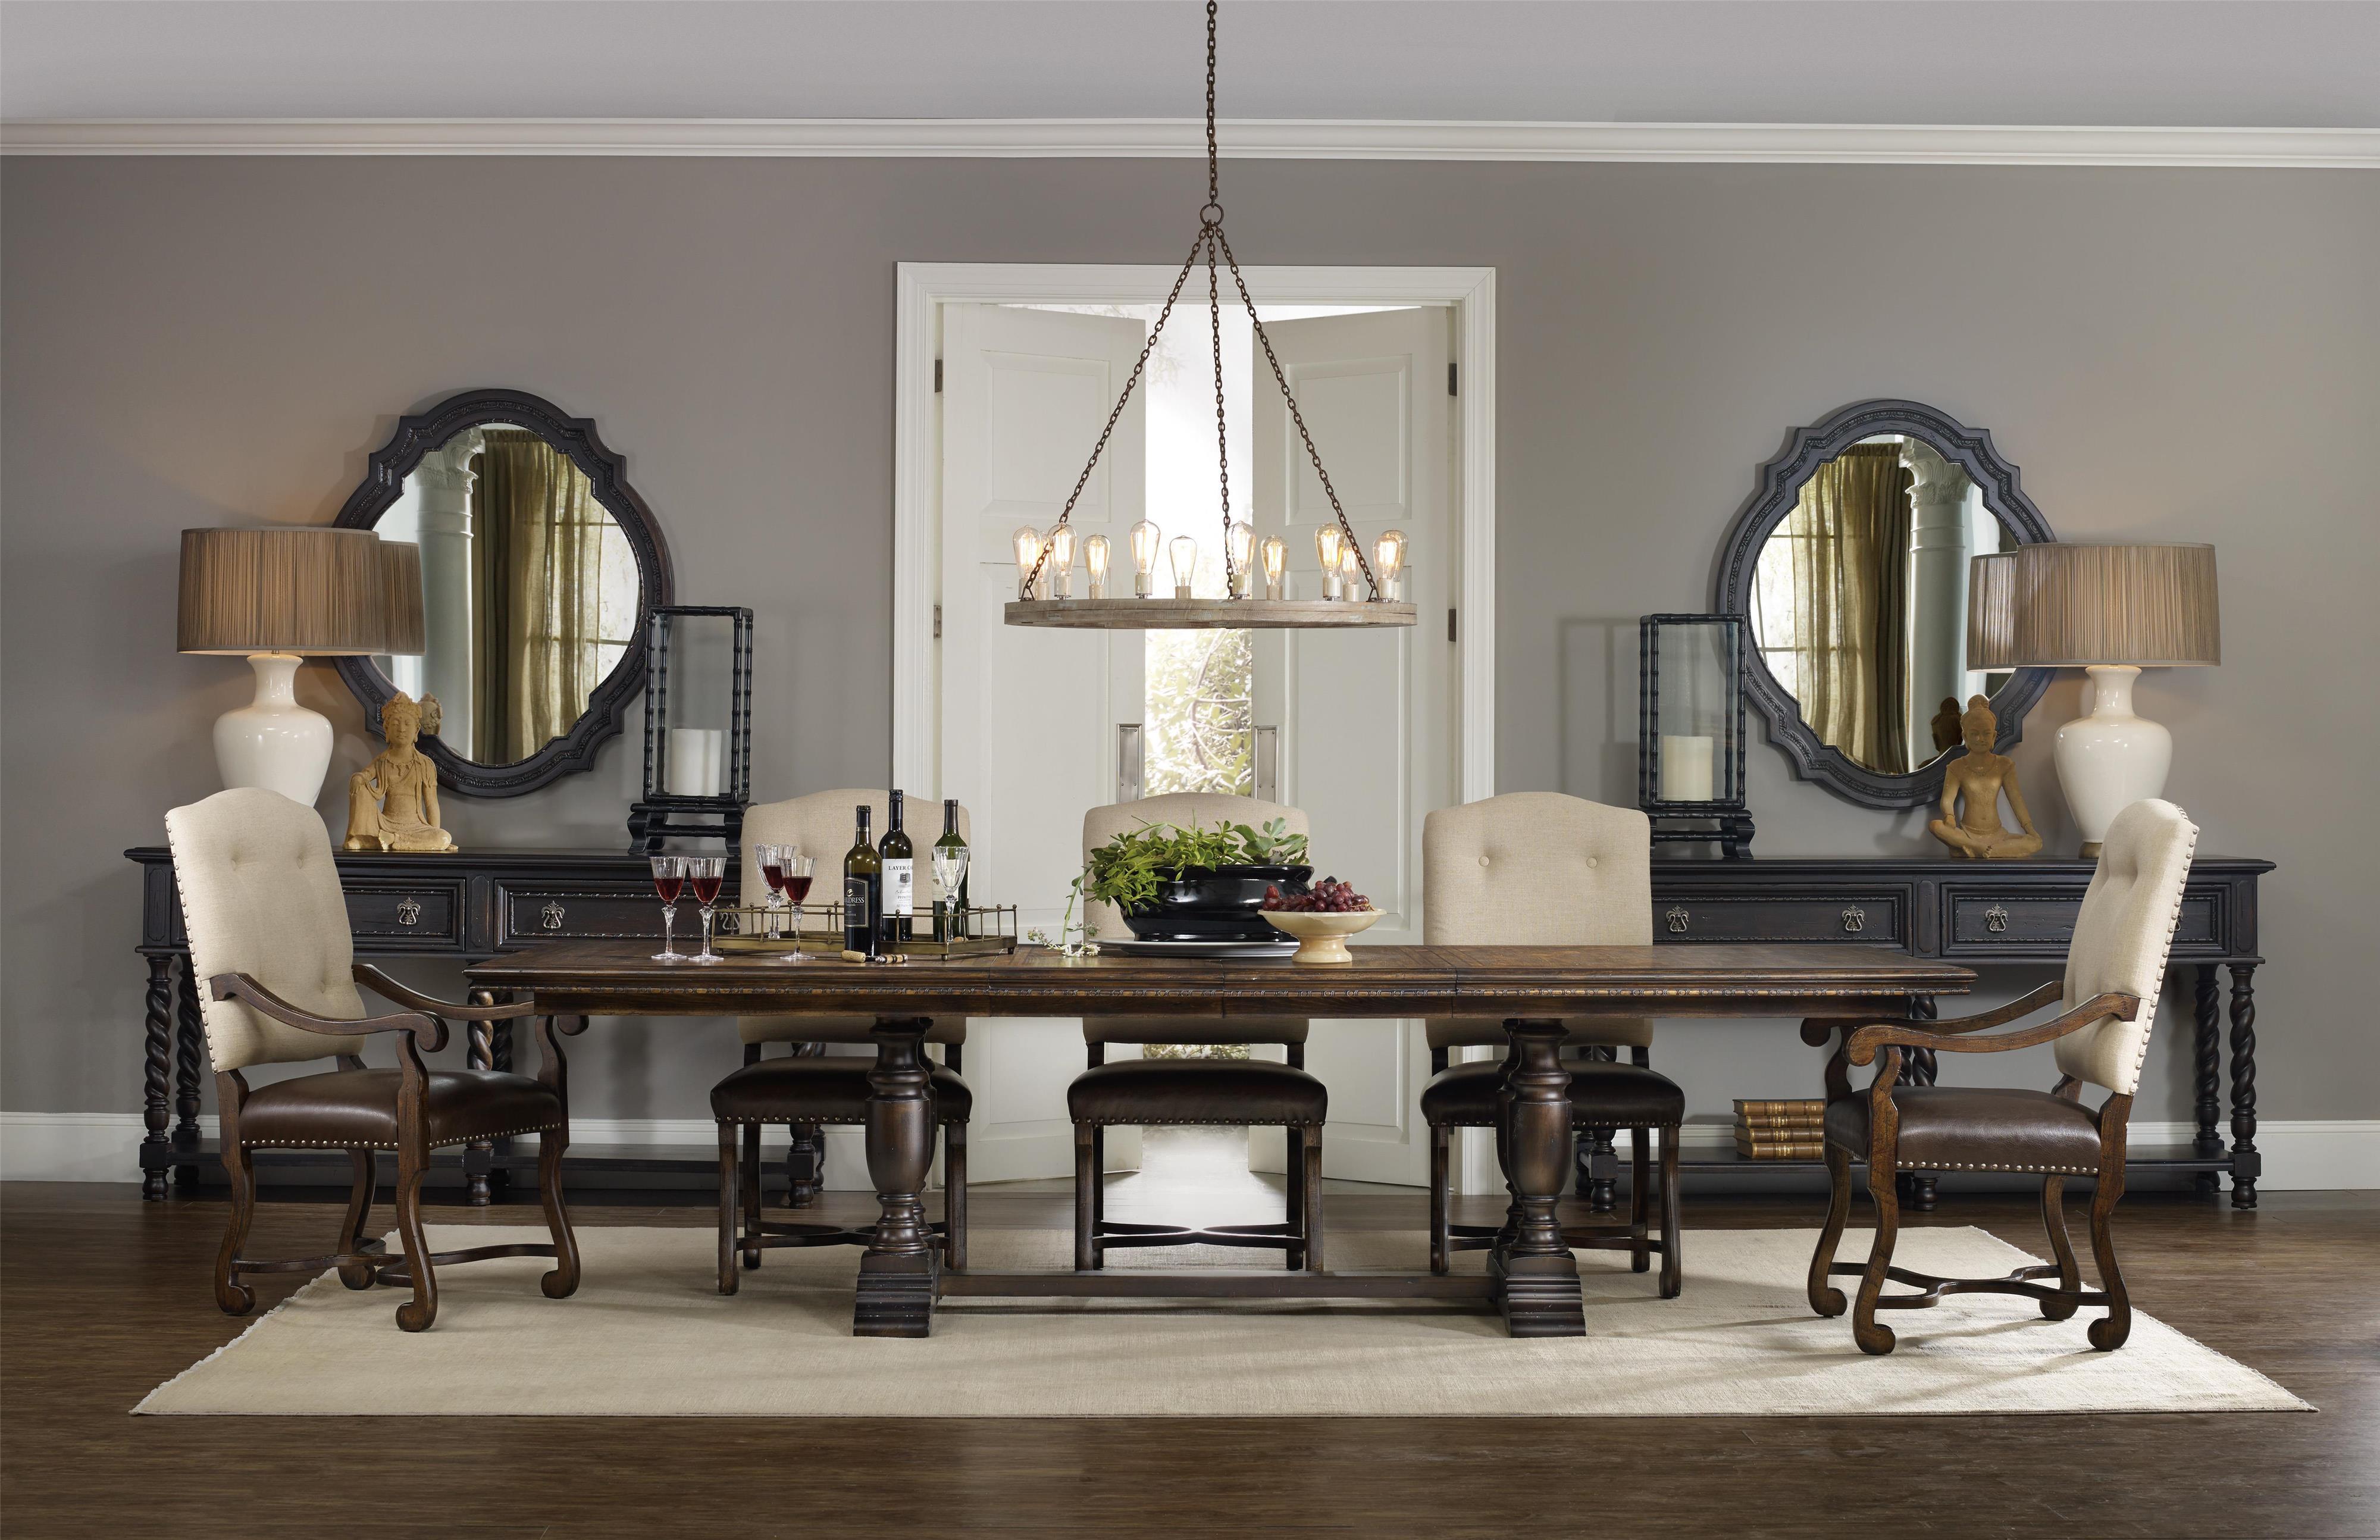 Hooker Furniture Treviso Bar With Flip Top And Wine Shelves   Belfort  Furniture   Bar Cabinet